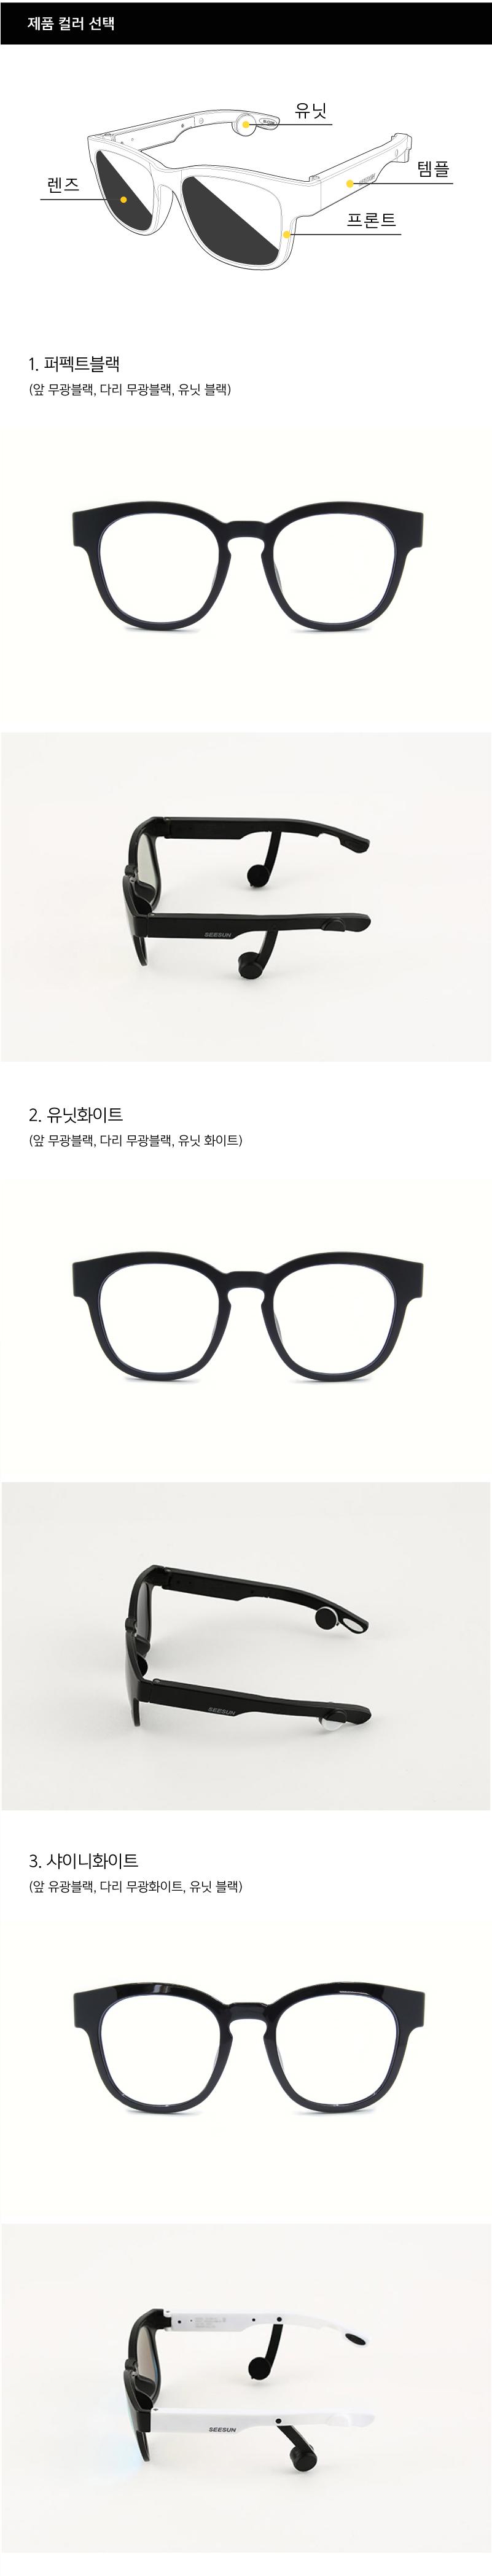 시선 BCON-10B 블루투스 골전도 스마트 선글라스 스모그편광렌즈 MADE IN KOREA